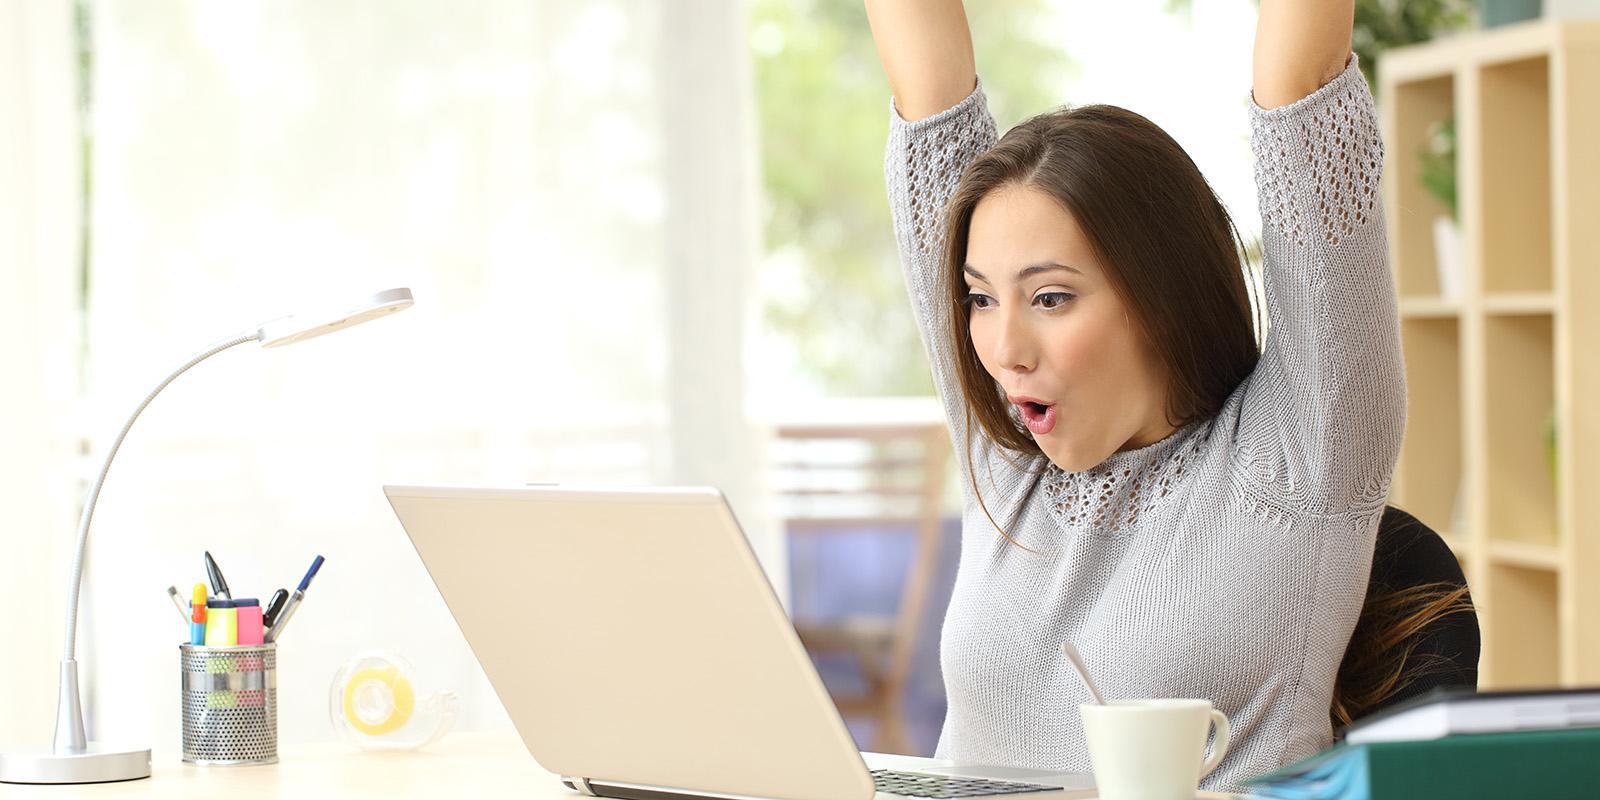 bewerberin freut sich ber ausgefllte onlinebewerbung bewerbung - Bewerbung Tippscom